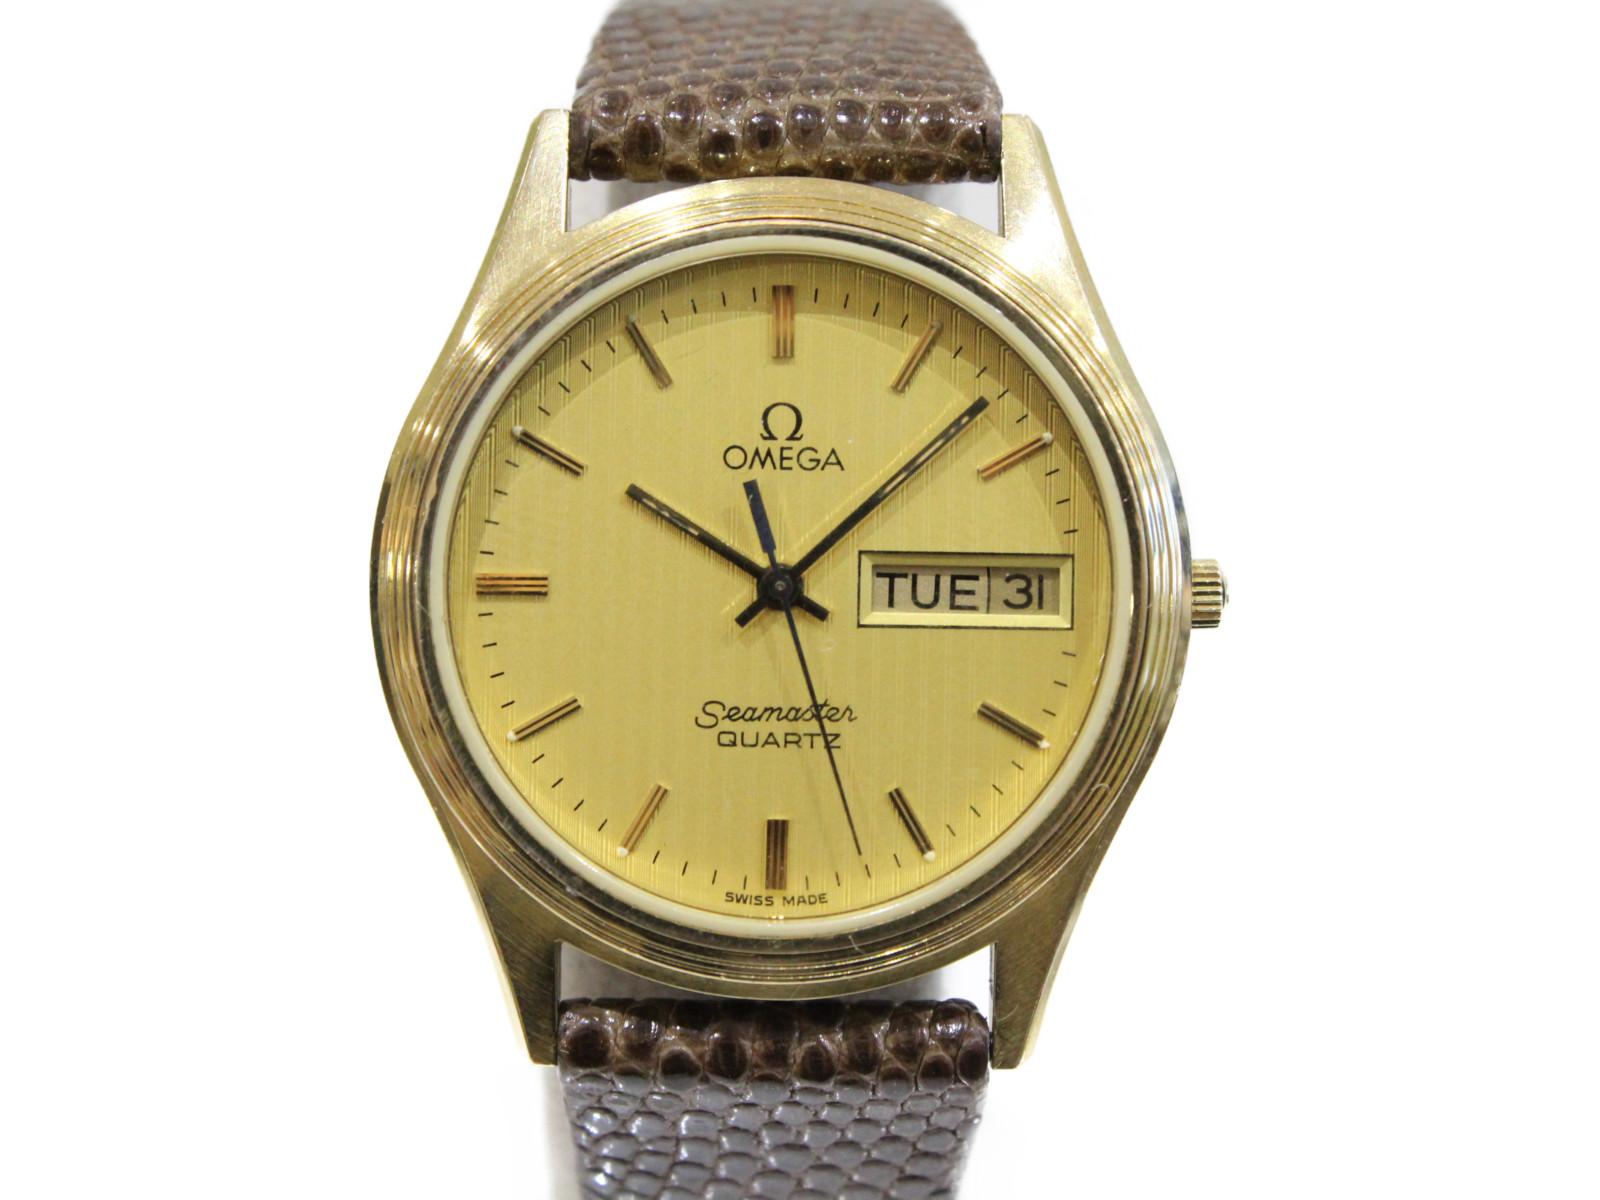 ファッション 【アンティーク】OMEGA オメガ シーマスター デイデイト クオーツ イエローゴールド 革ベルト ゴールド ブラウン メンズ 腕時計【】, タケトヨチョウ a7a2f5f7